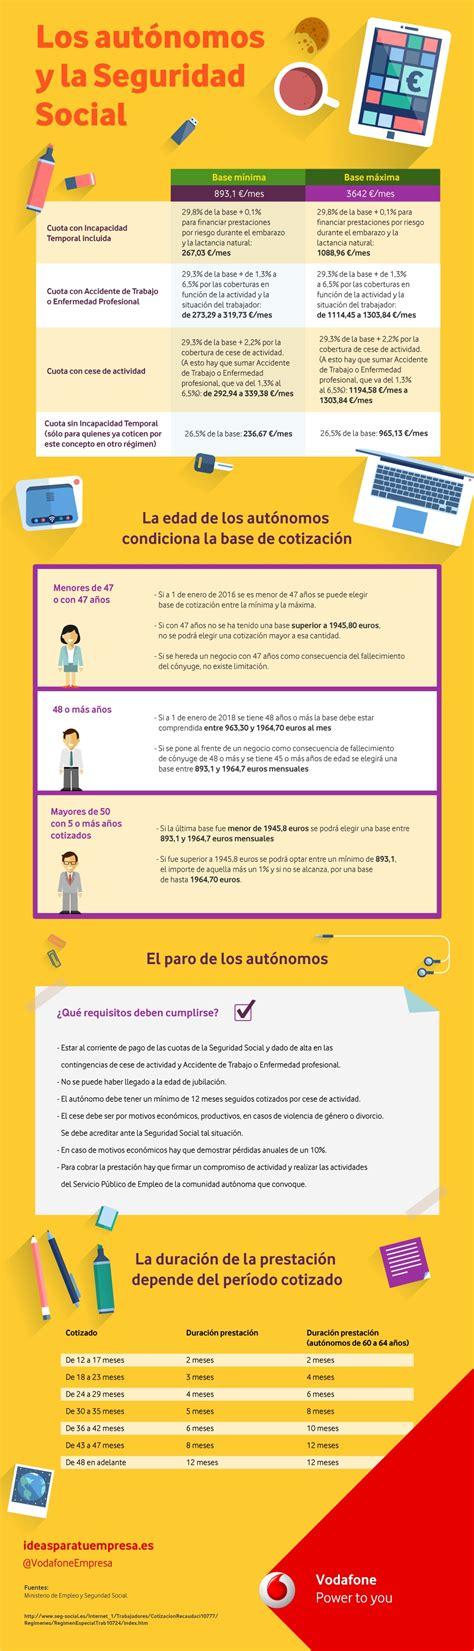 cuota seguridad social 2016 derechos y obligaciones en la cuota de aut 243 nomos acciono